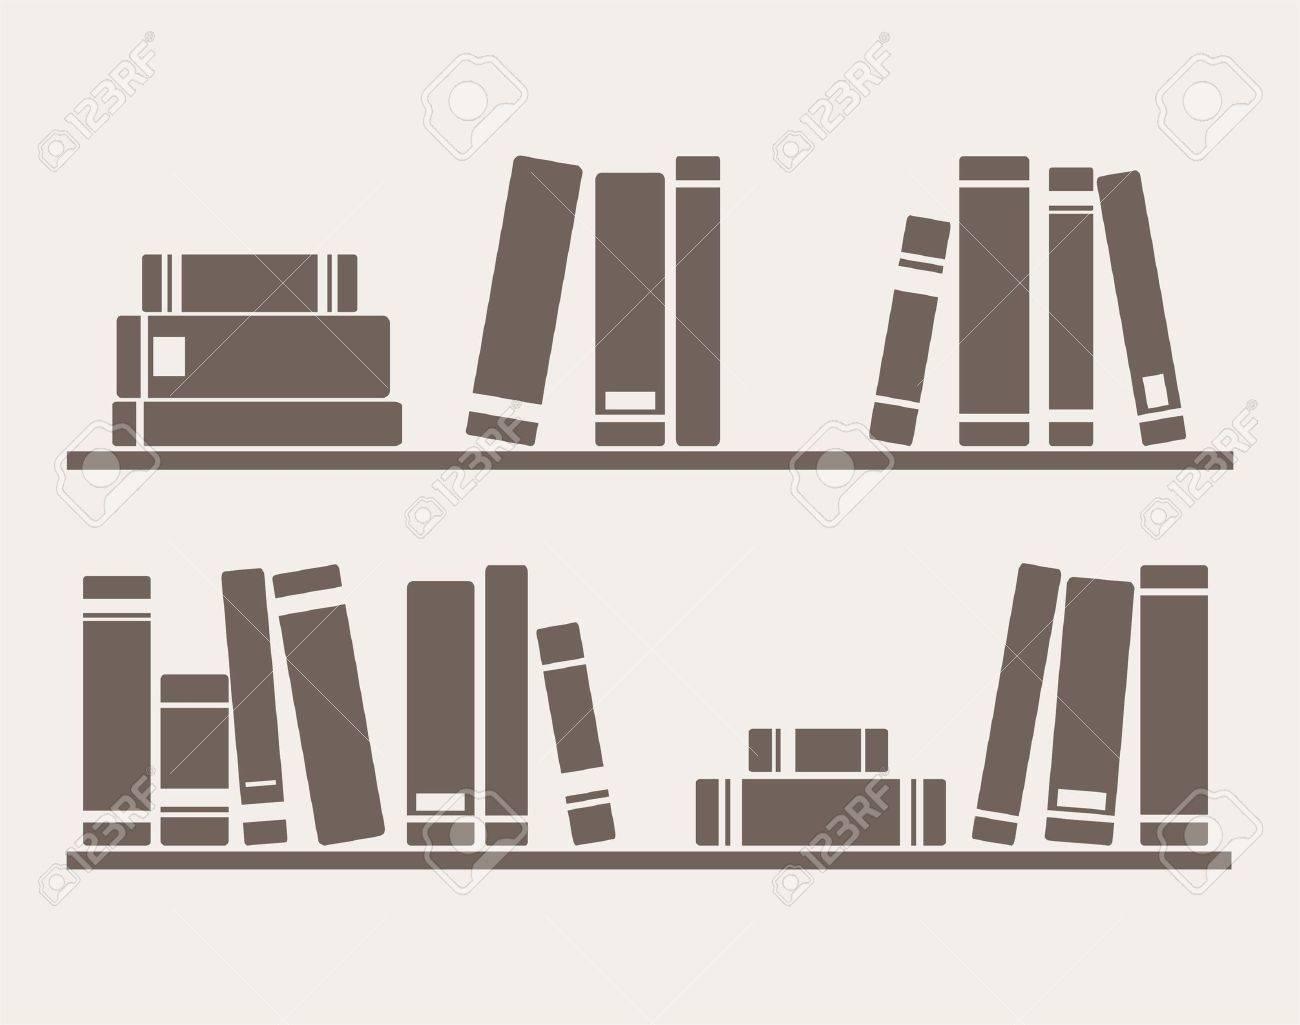 Libros sobre la ilustración de los estantes, simplemente retro  Objetos  para la decoración vintage, fondo, texturas o fondos de pantalla de diseño  de